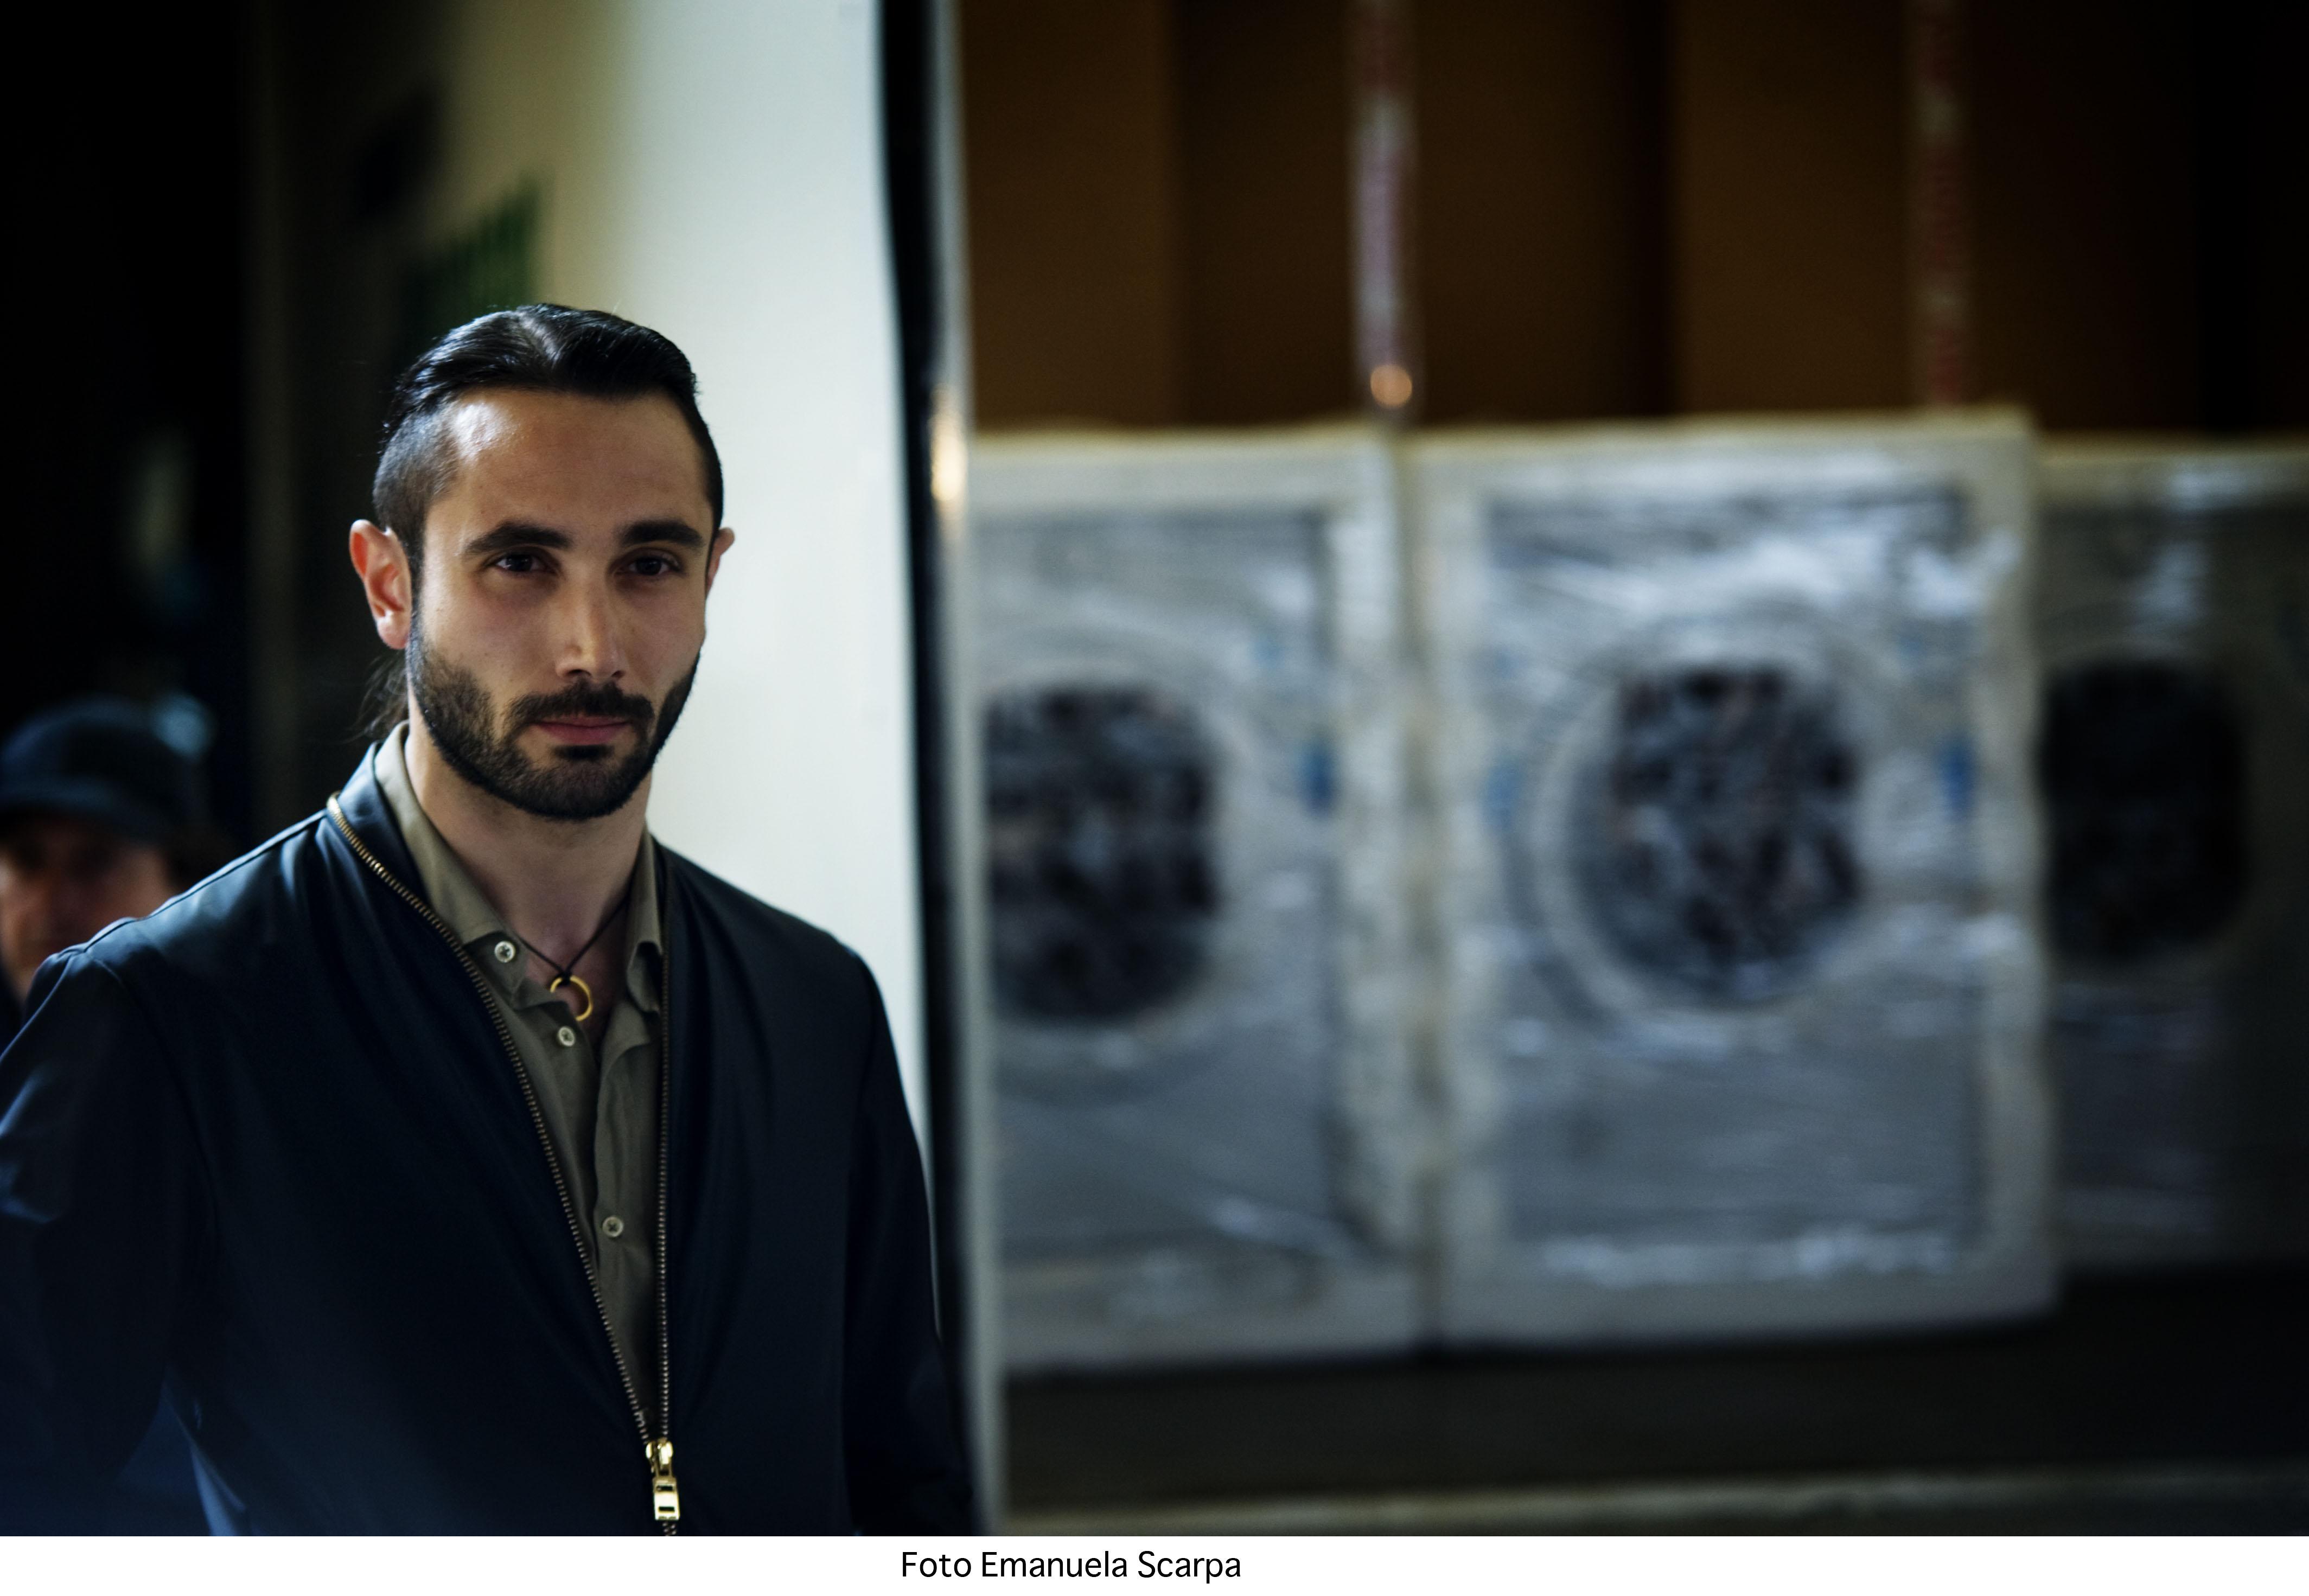 Marco Palvetti nella stagione 1 di Gomorra - la serie